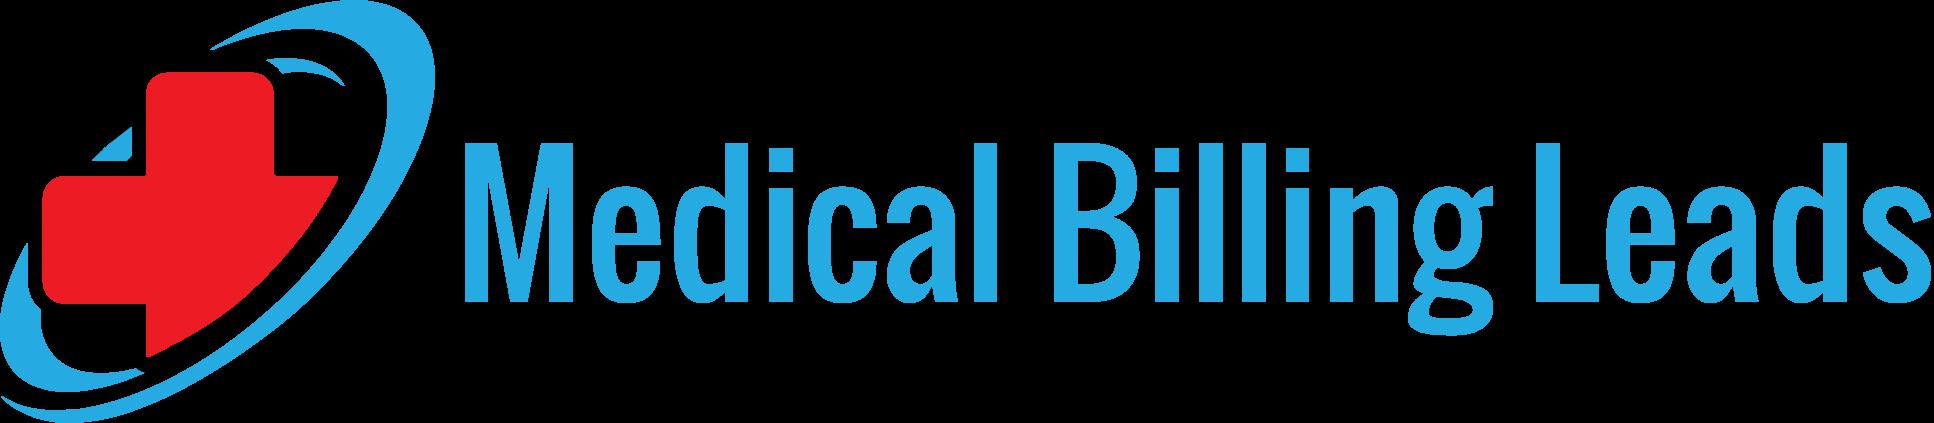 Medical Billing Leads